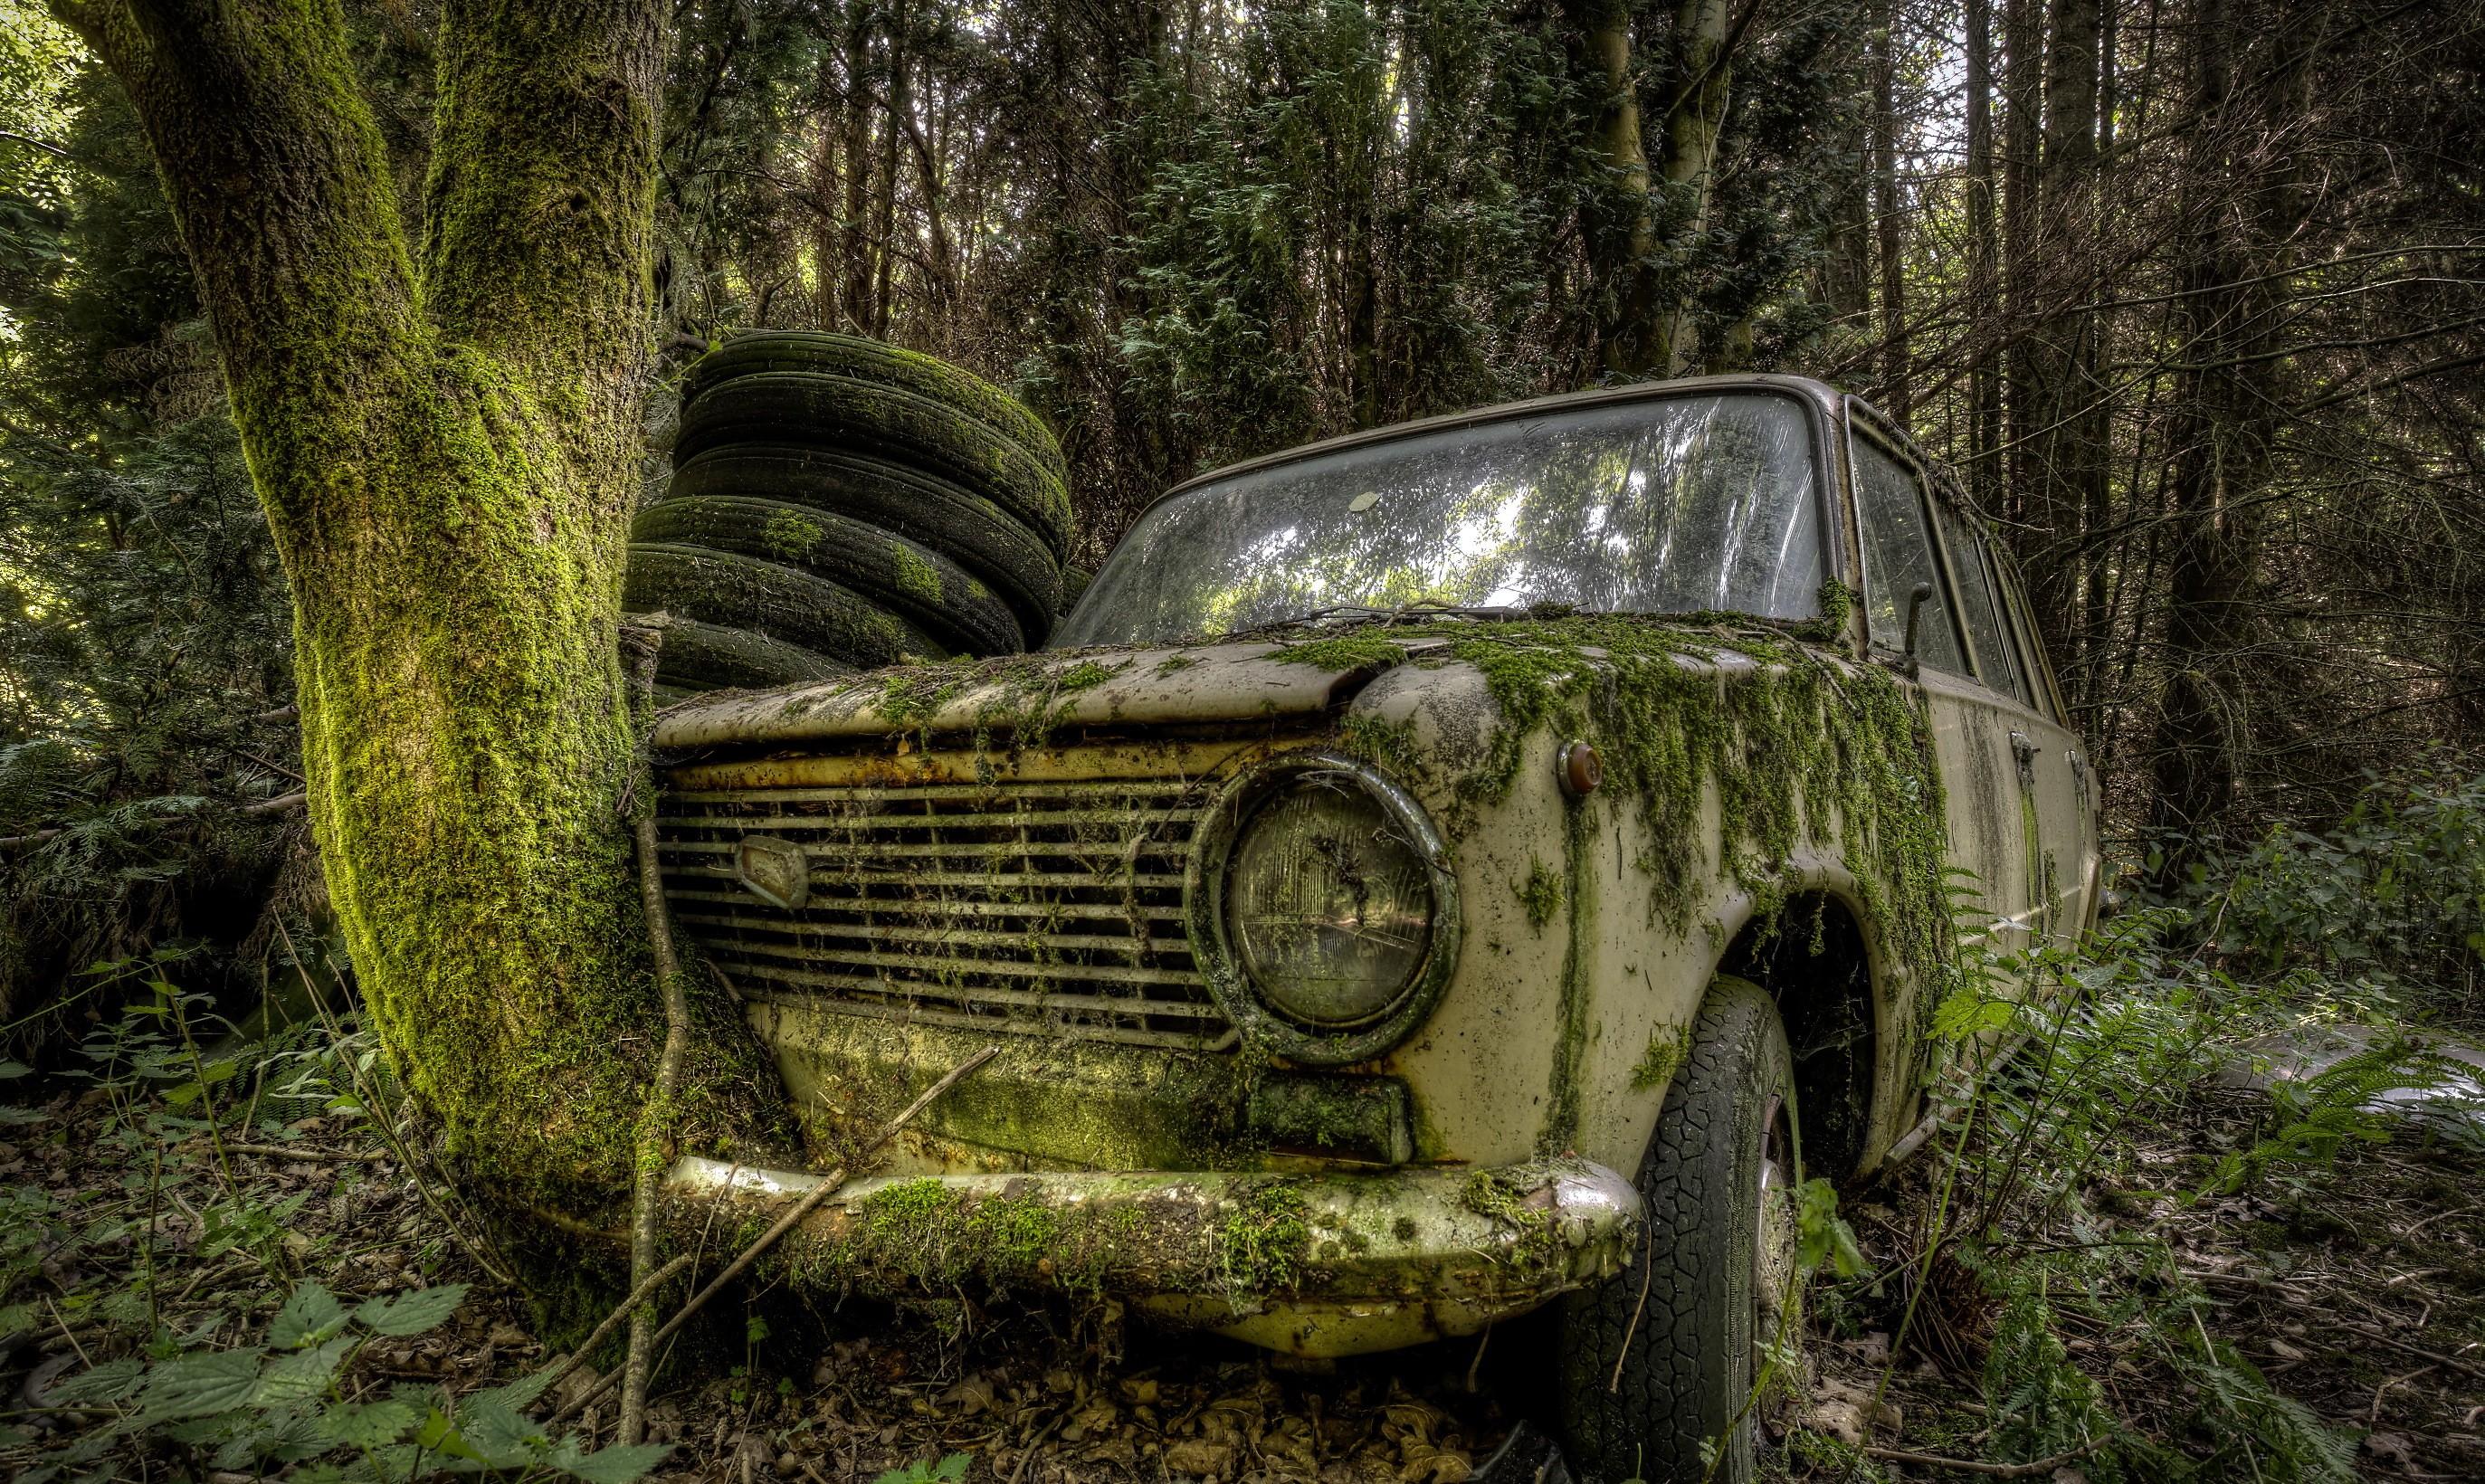 fond d 39 cran voiture v hicule pave voiture ancienne des bois v hicule terrestre. Black Bedroom Furniture Sets. Home Design Ideas